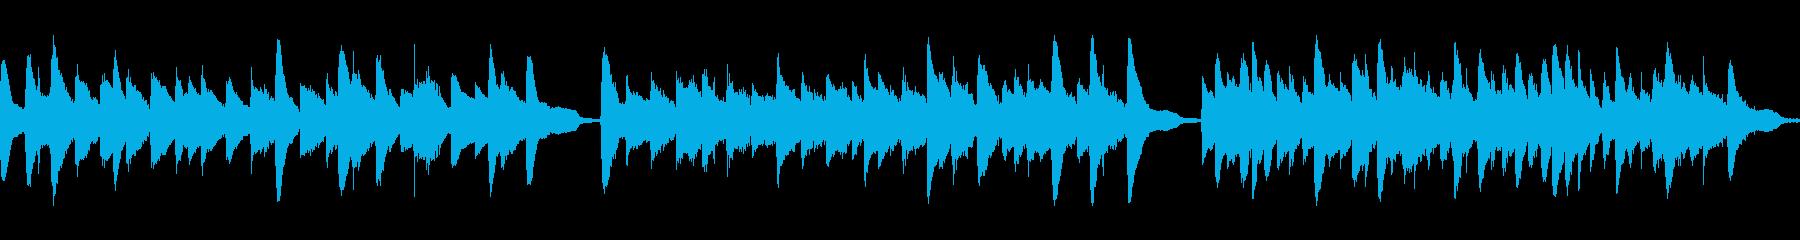 クラシック風ジングル37A-ピアノソロ の再生済みの波形